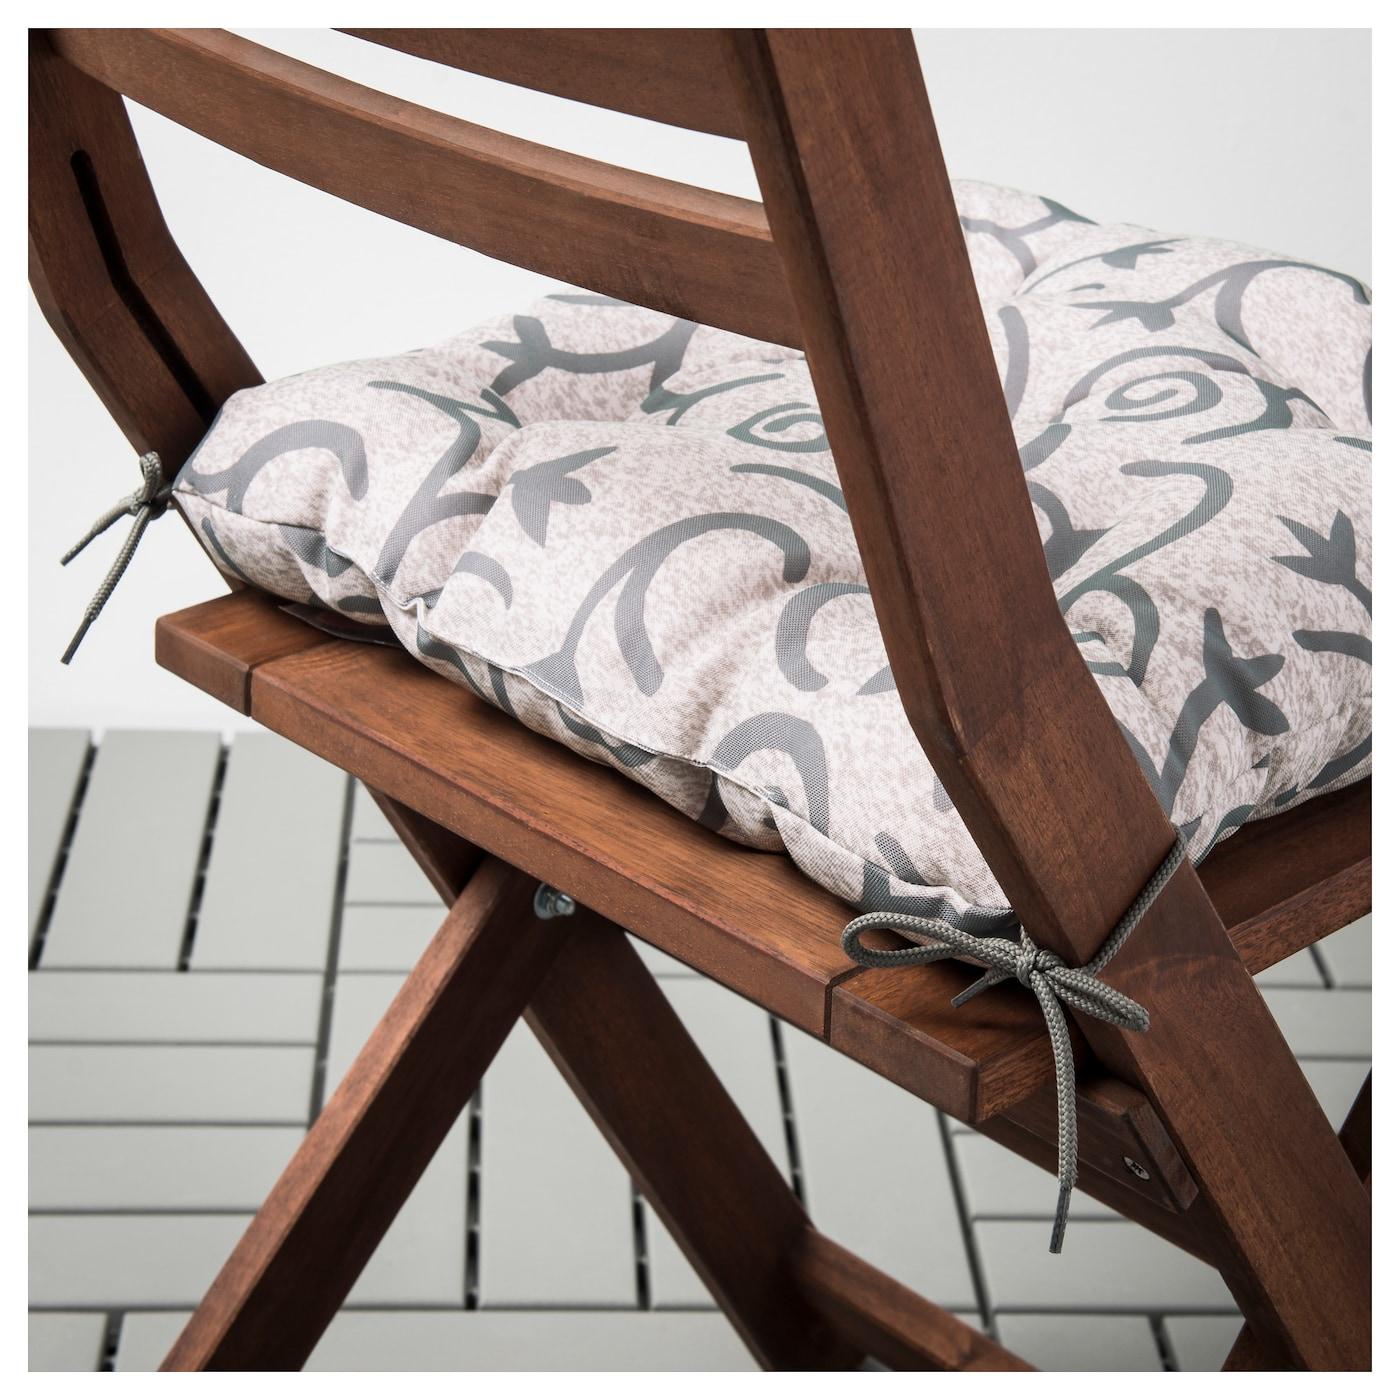 steg n coussin de chaise ext rieur beige 40x40 cm ikea. Black Bedroom Furniture Sets. Home Design Ideas